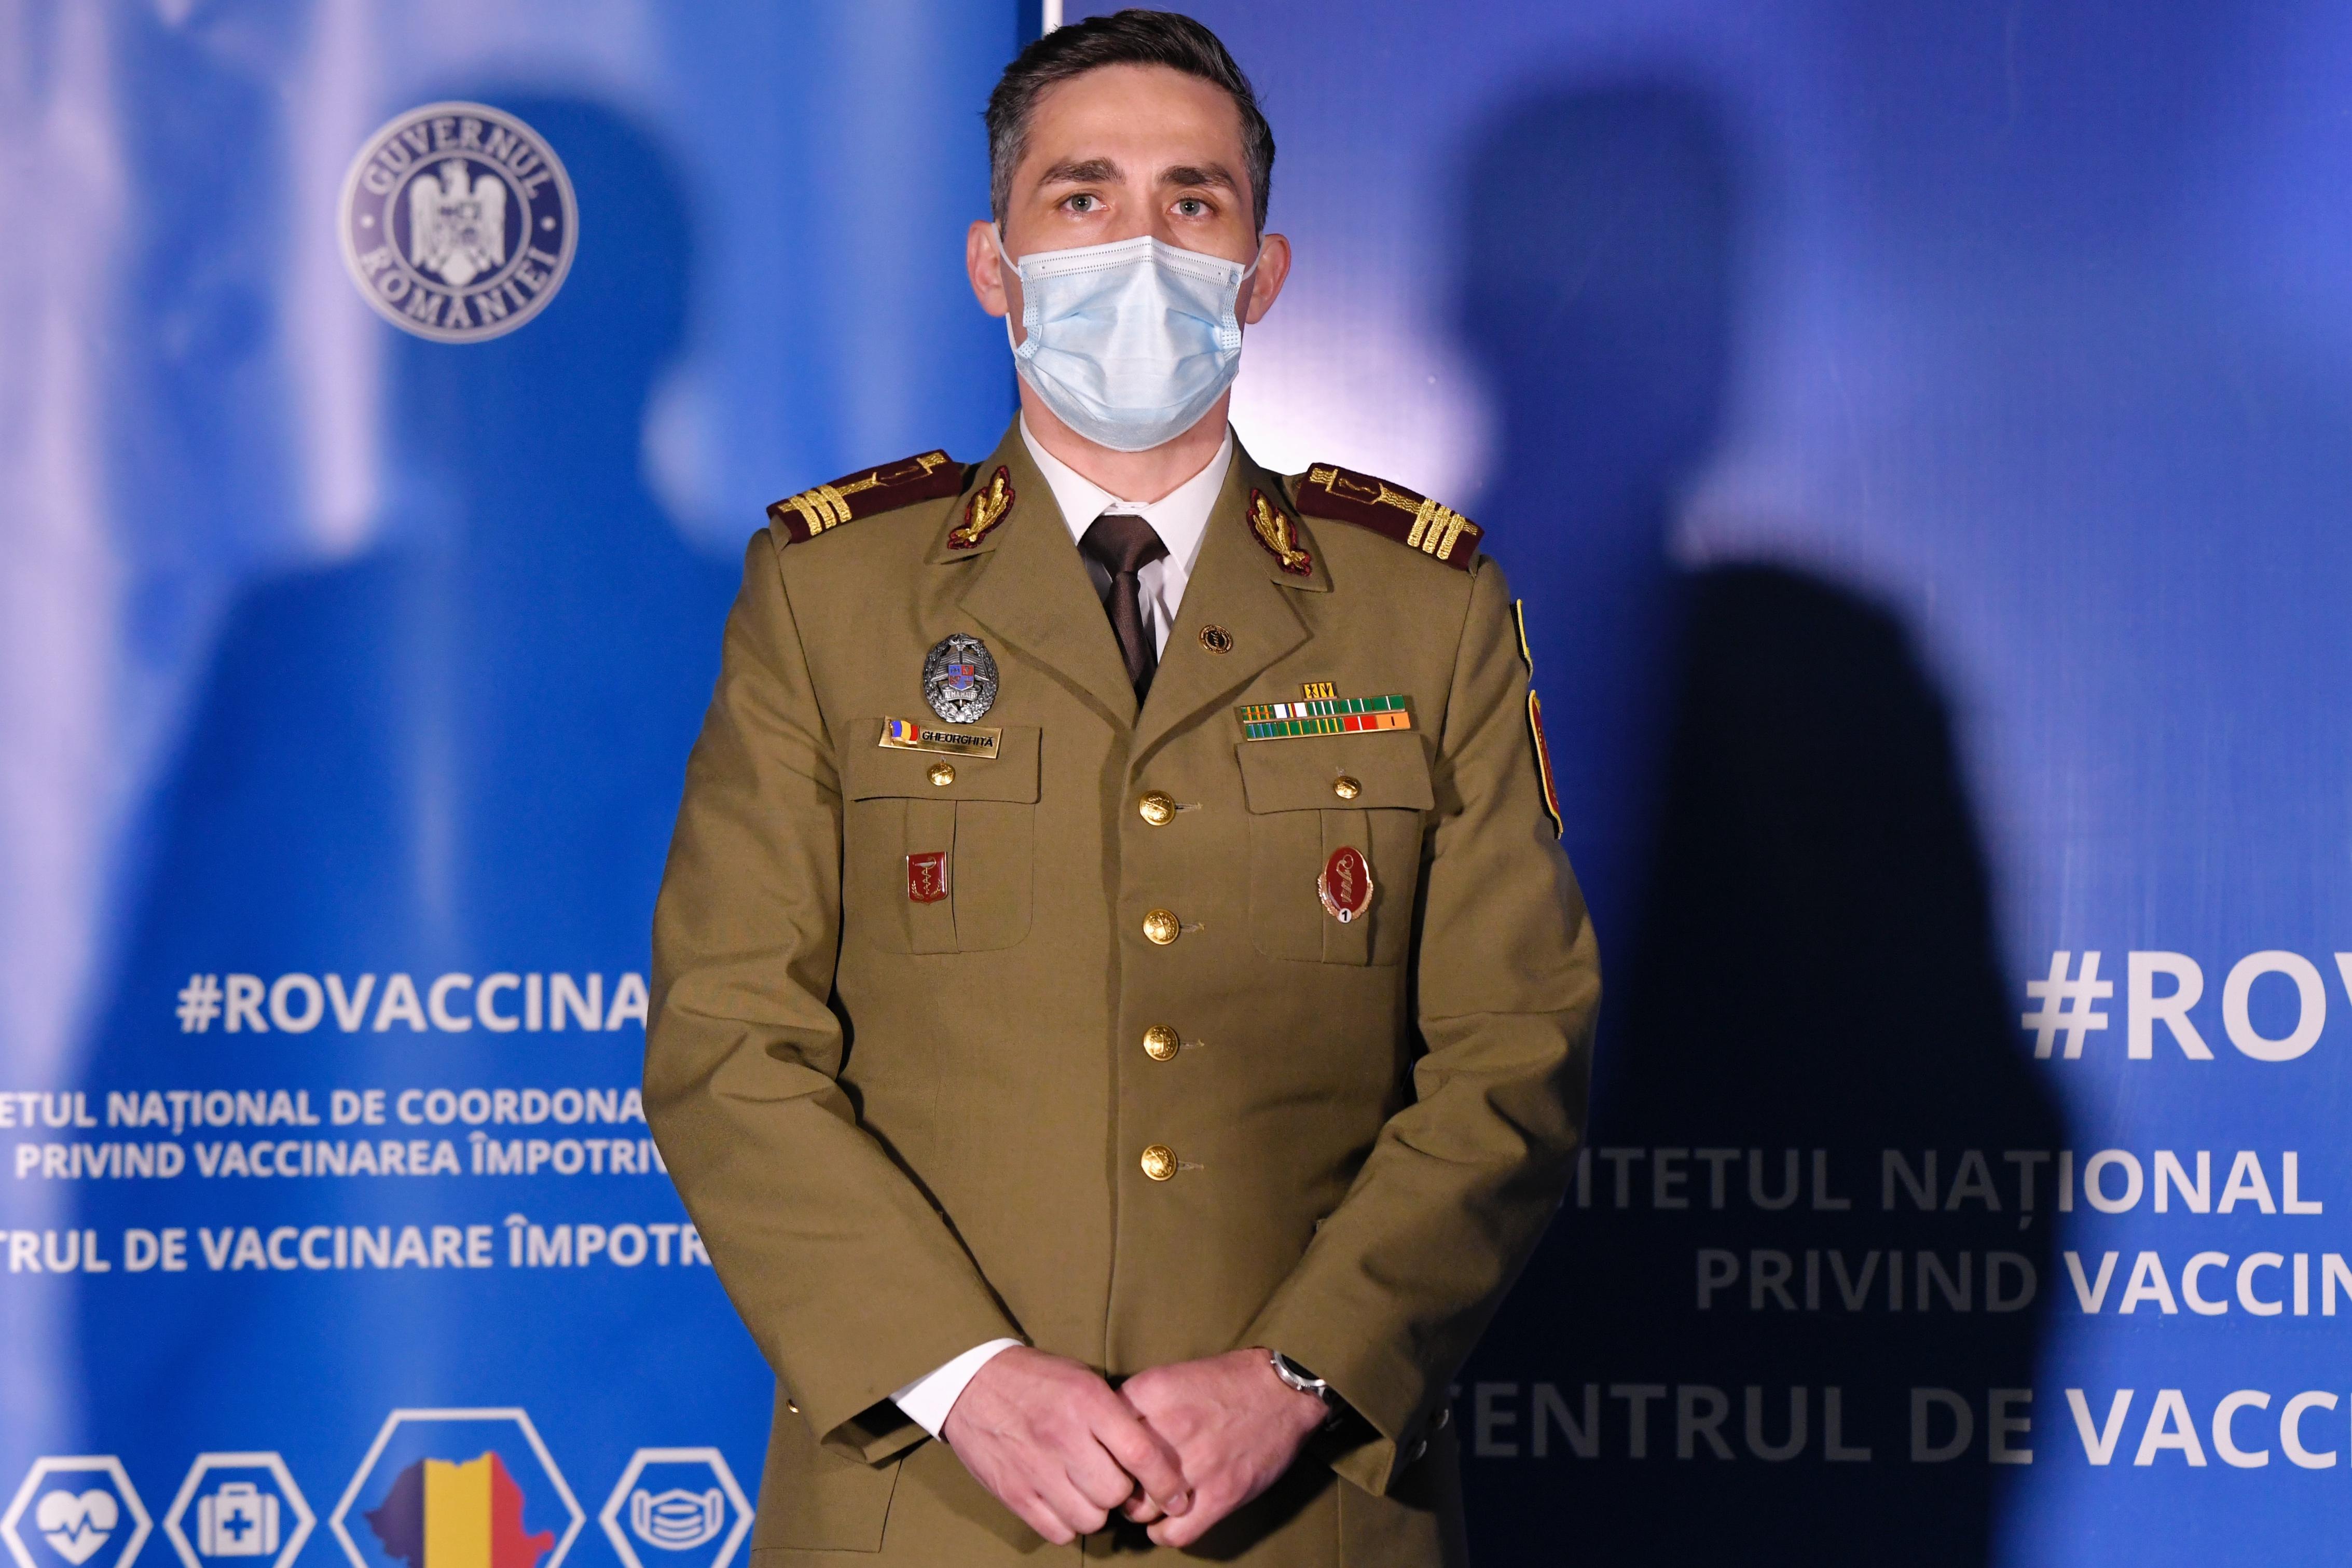 Obiectivele campaniei de vaccinare. Realitatea contrazice promisiunile autorităţilor, dar în aprilie situaţia s-ar putea schimba